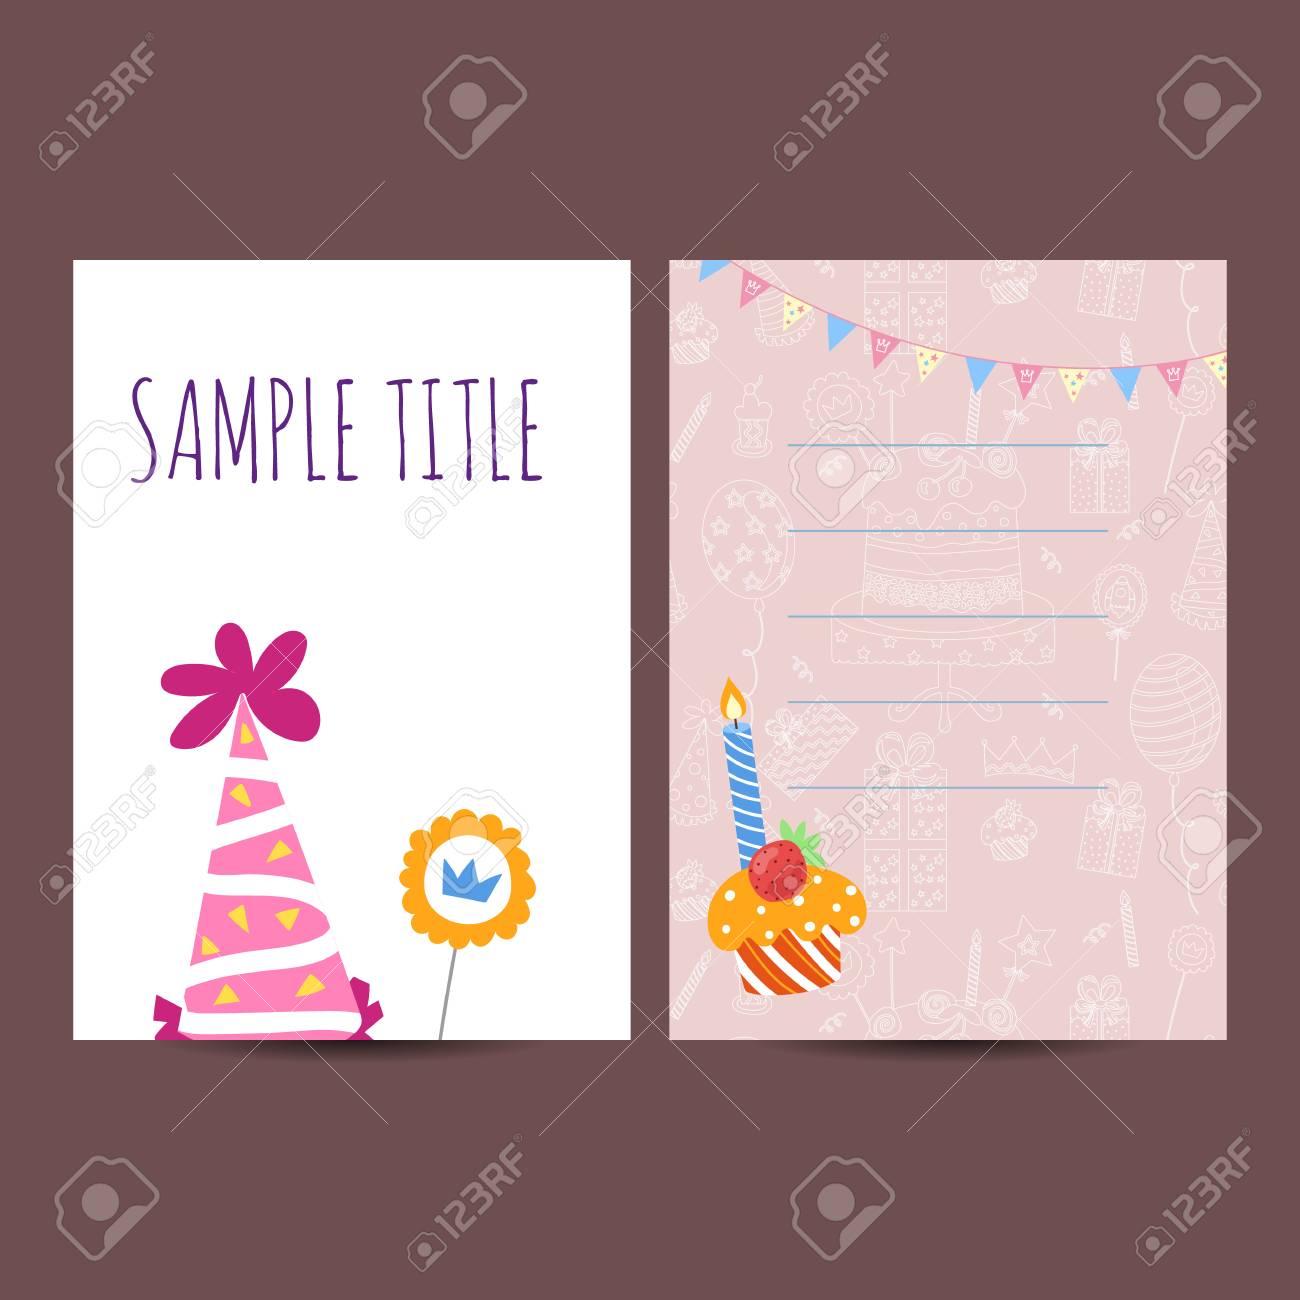 Joyeux Anniversaire Enfants Modele Carte Postale Vecteur Illustration Jour Ferie Banque D Images Et Photos Libres De Droits Image 61264076